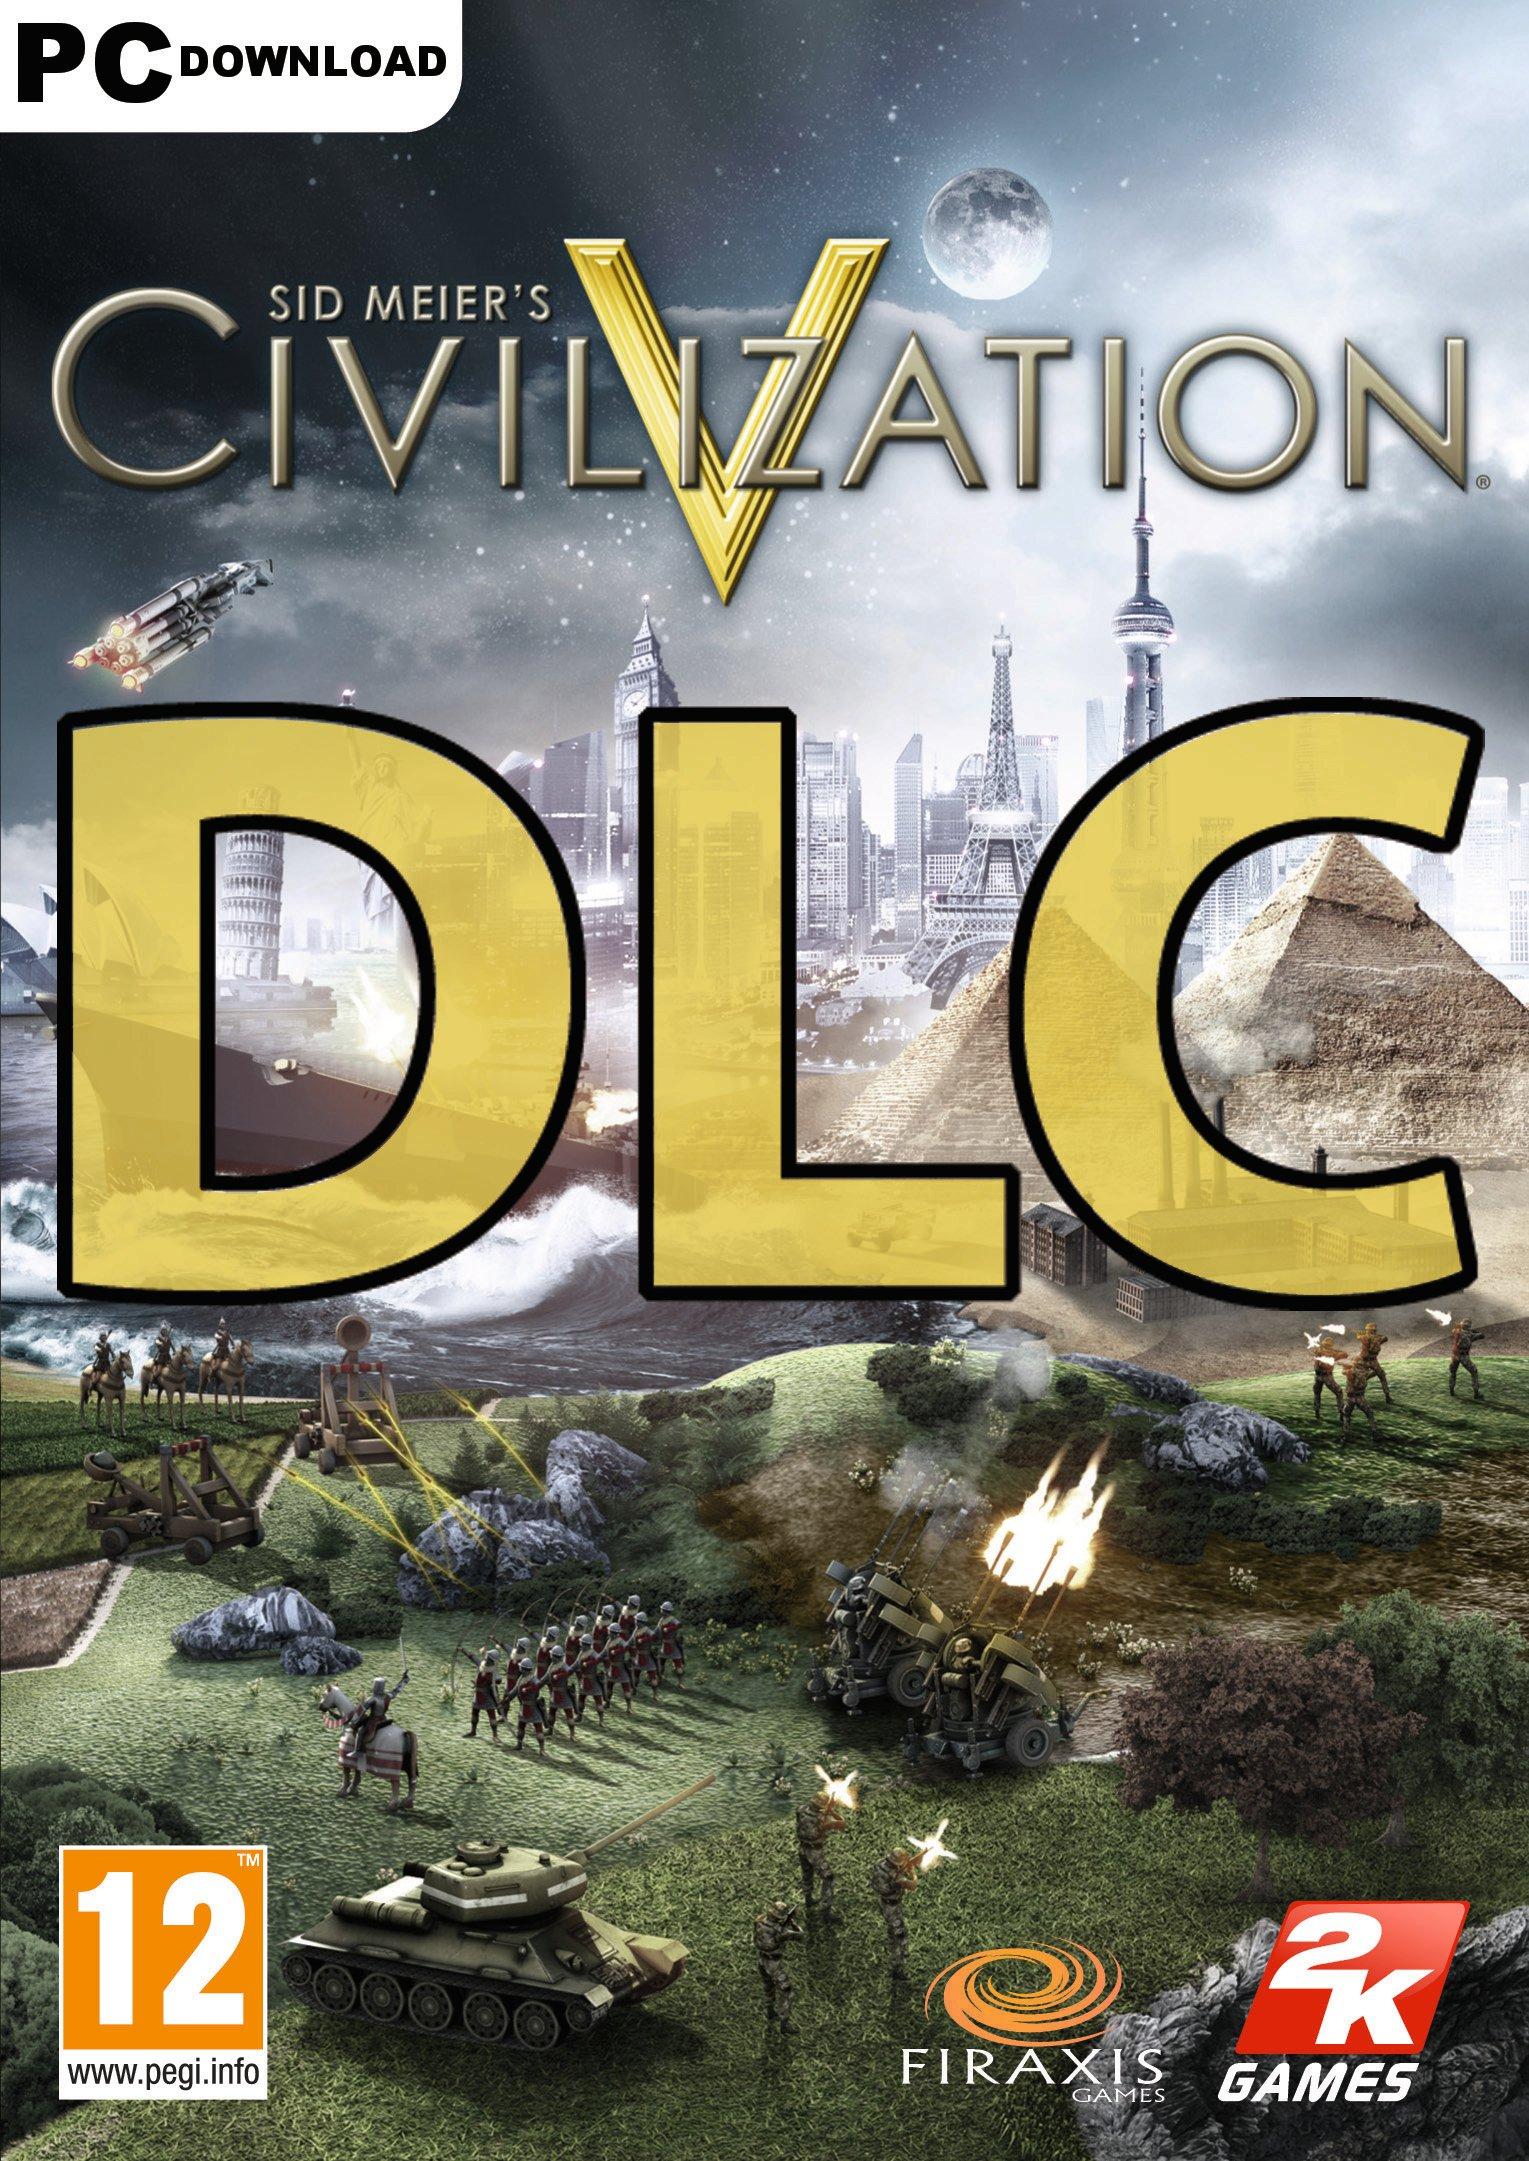 sid meiers civilization® v civilization and scenario pack polynesia